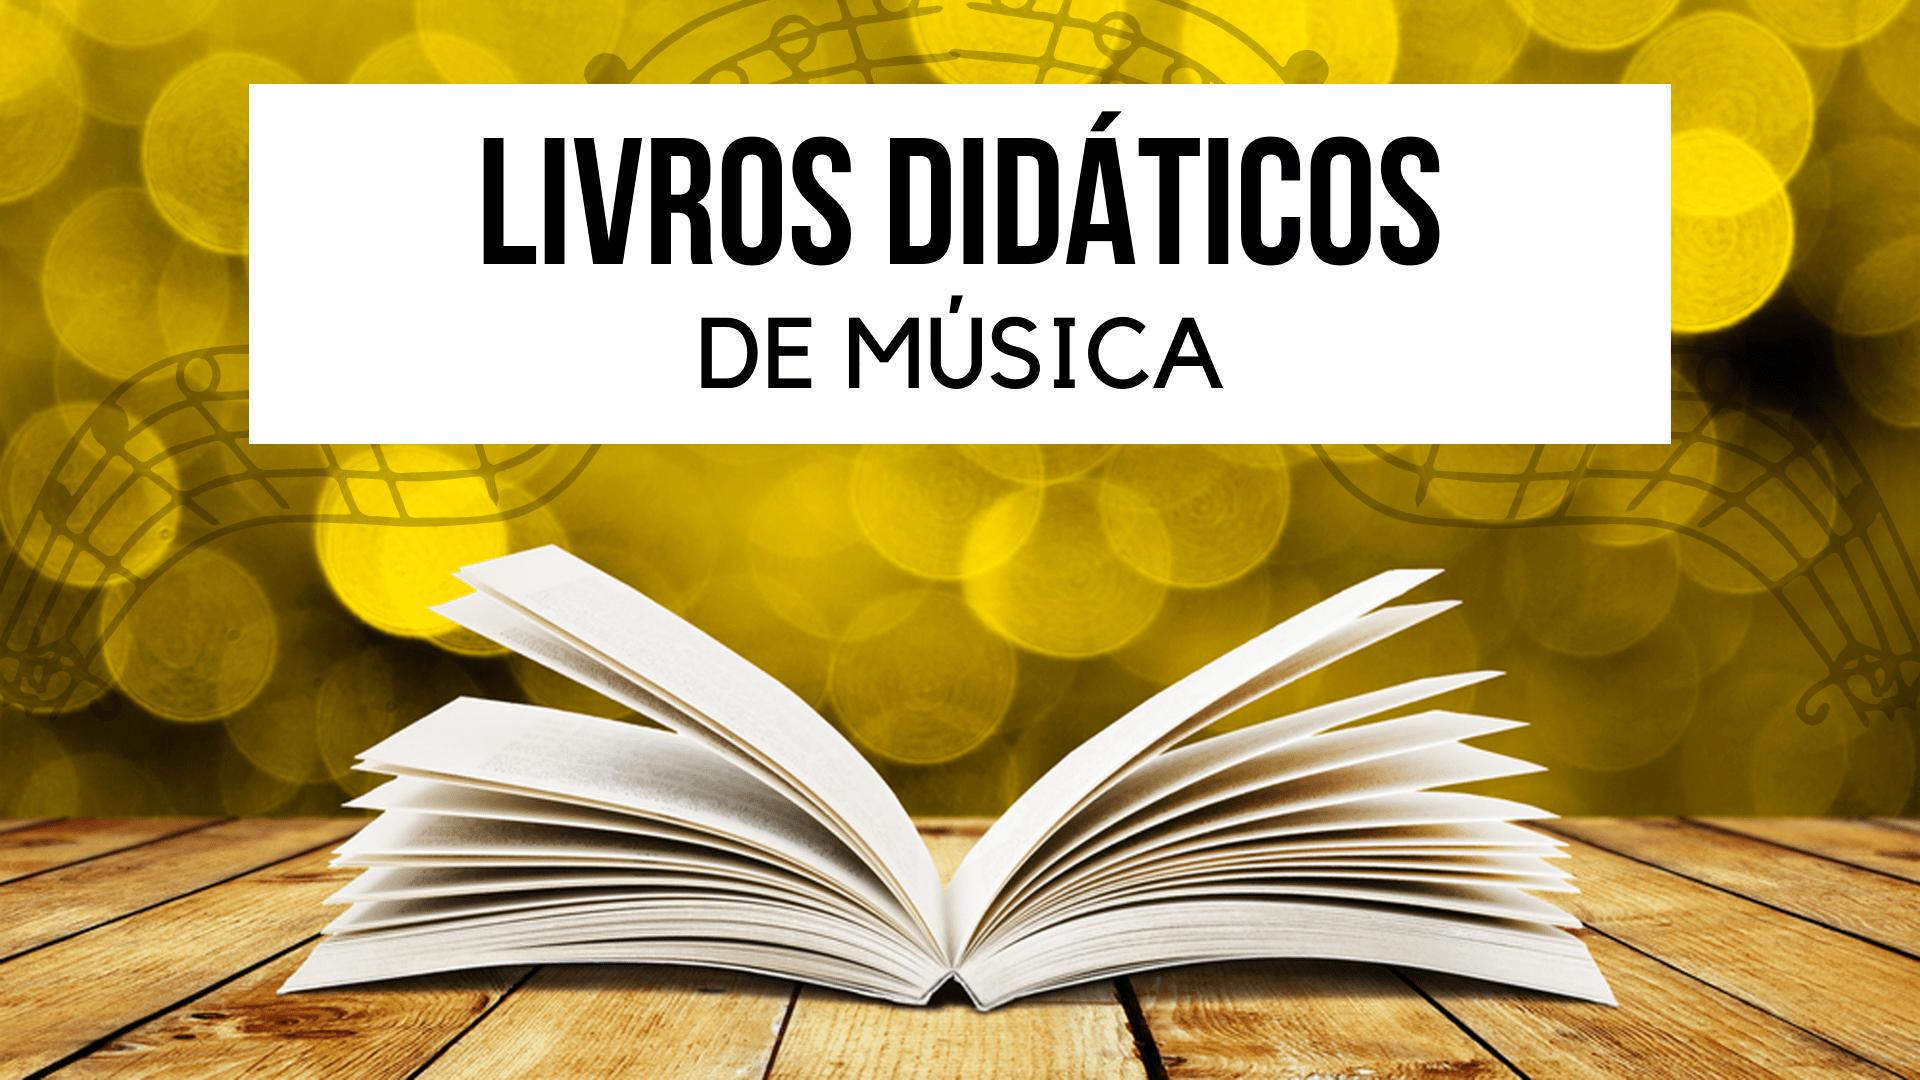 Livros Didáticos de Música